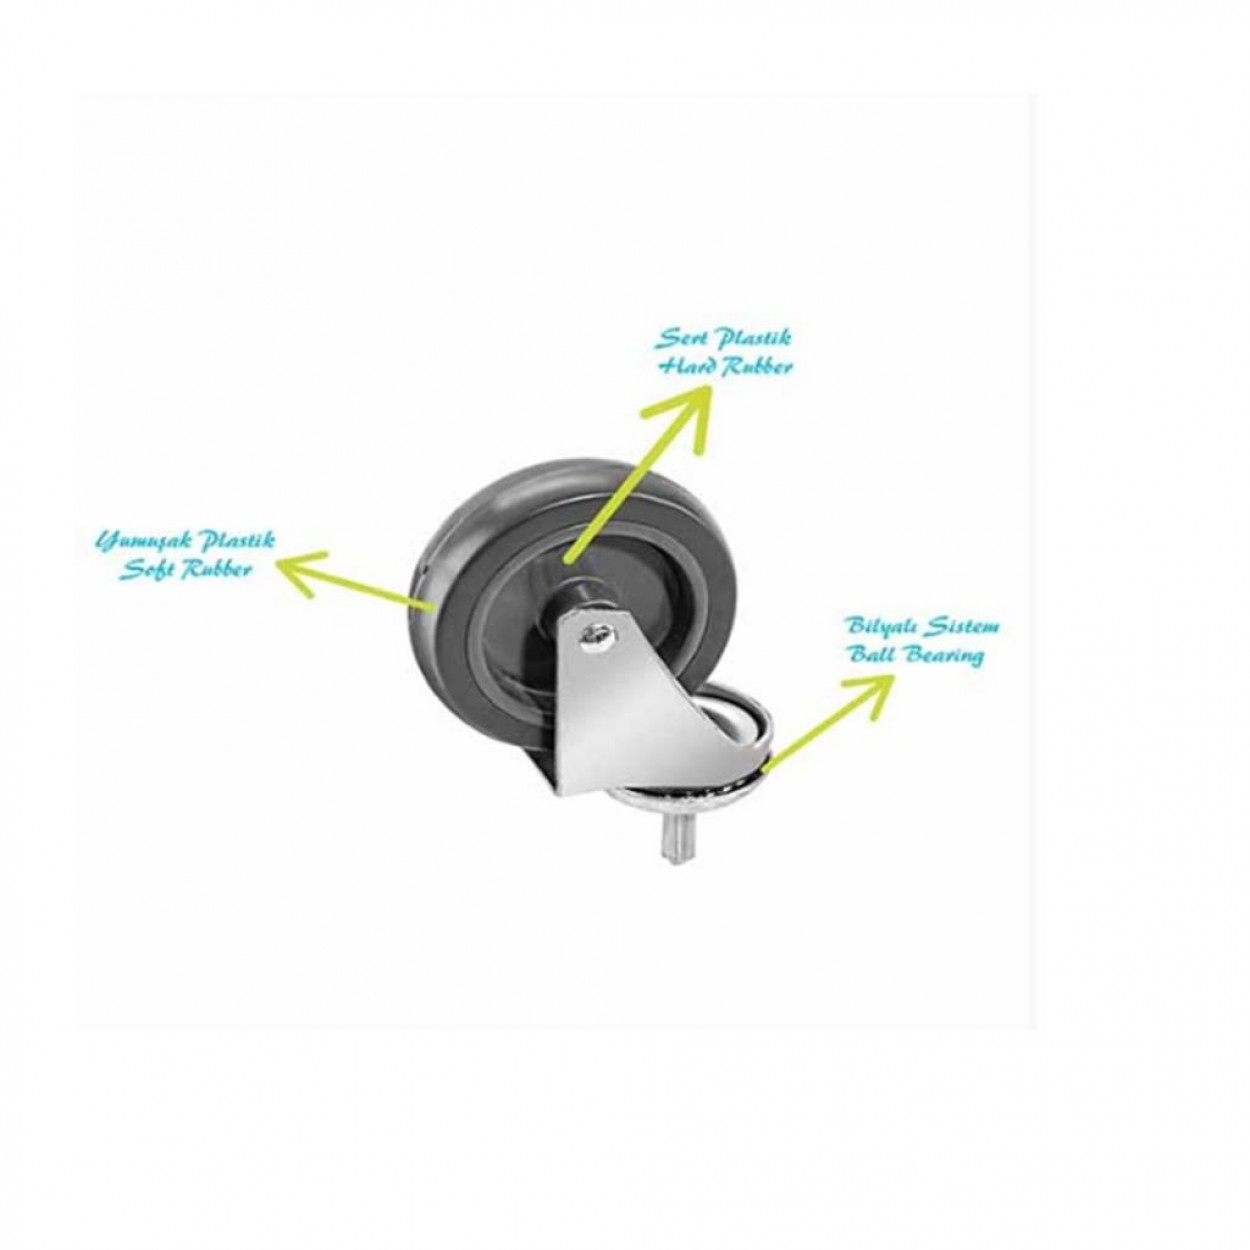 Euro Çift Kovalı Paspas Arabası Krom Taşıyıcılı Metal Presli Sepetli